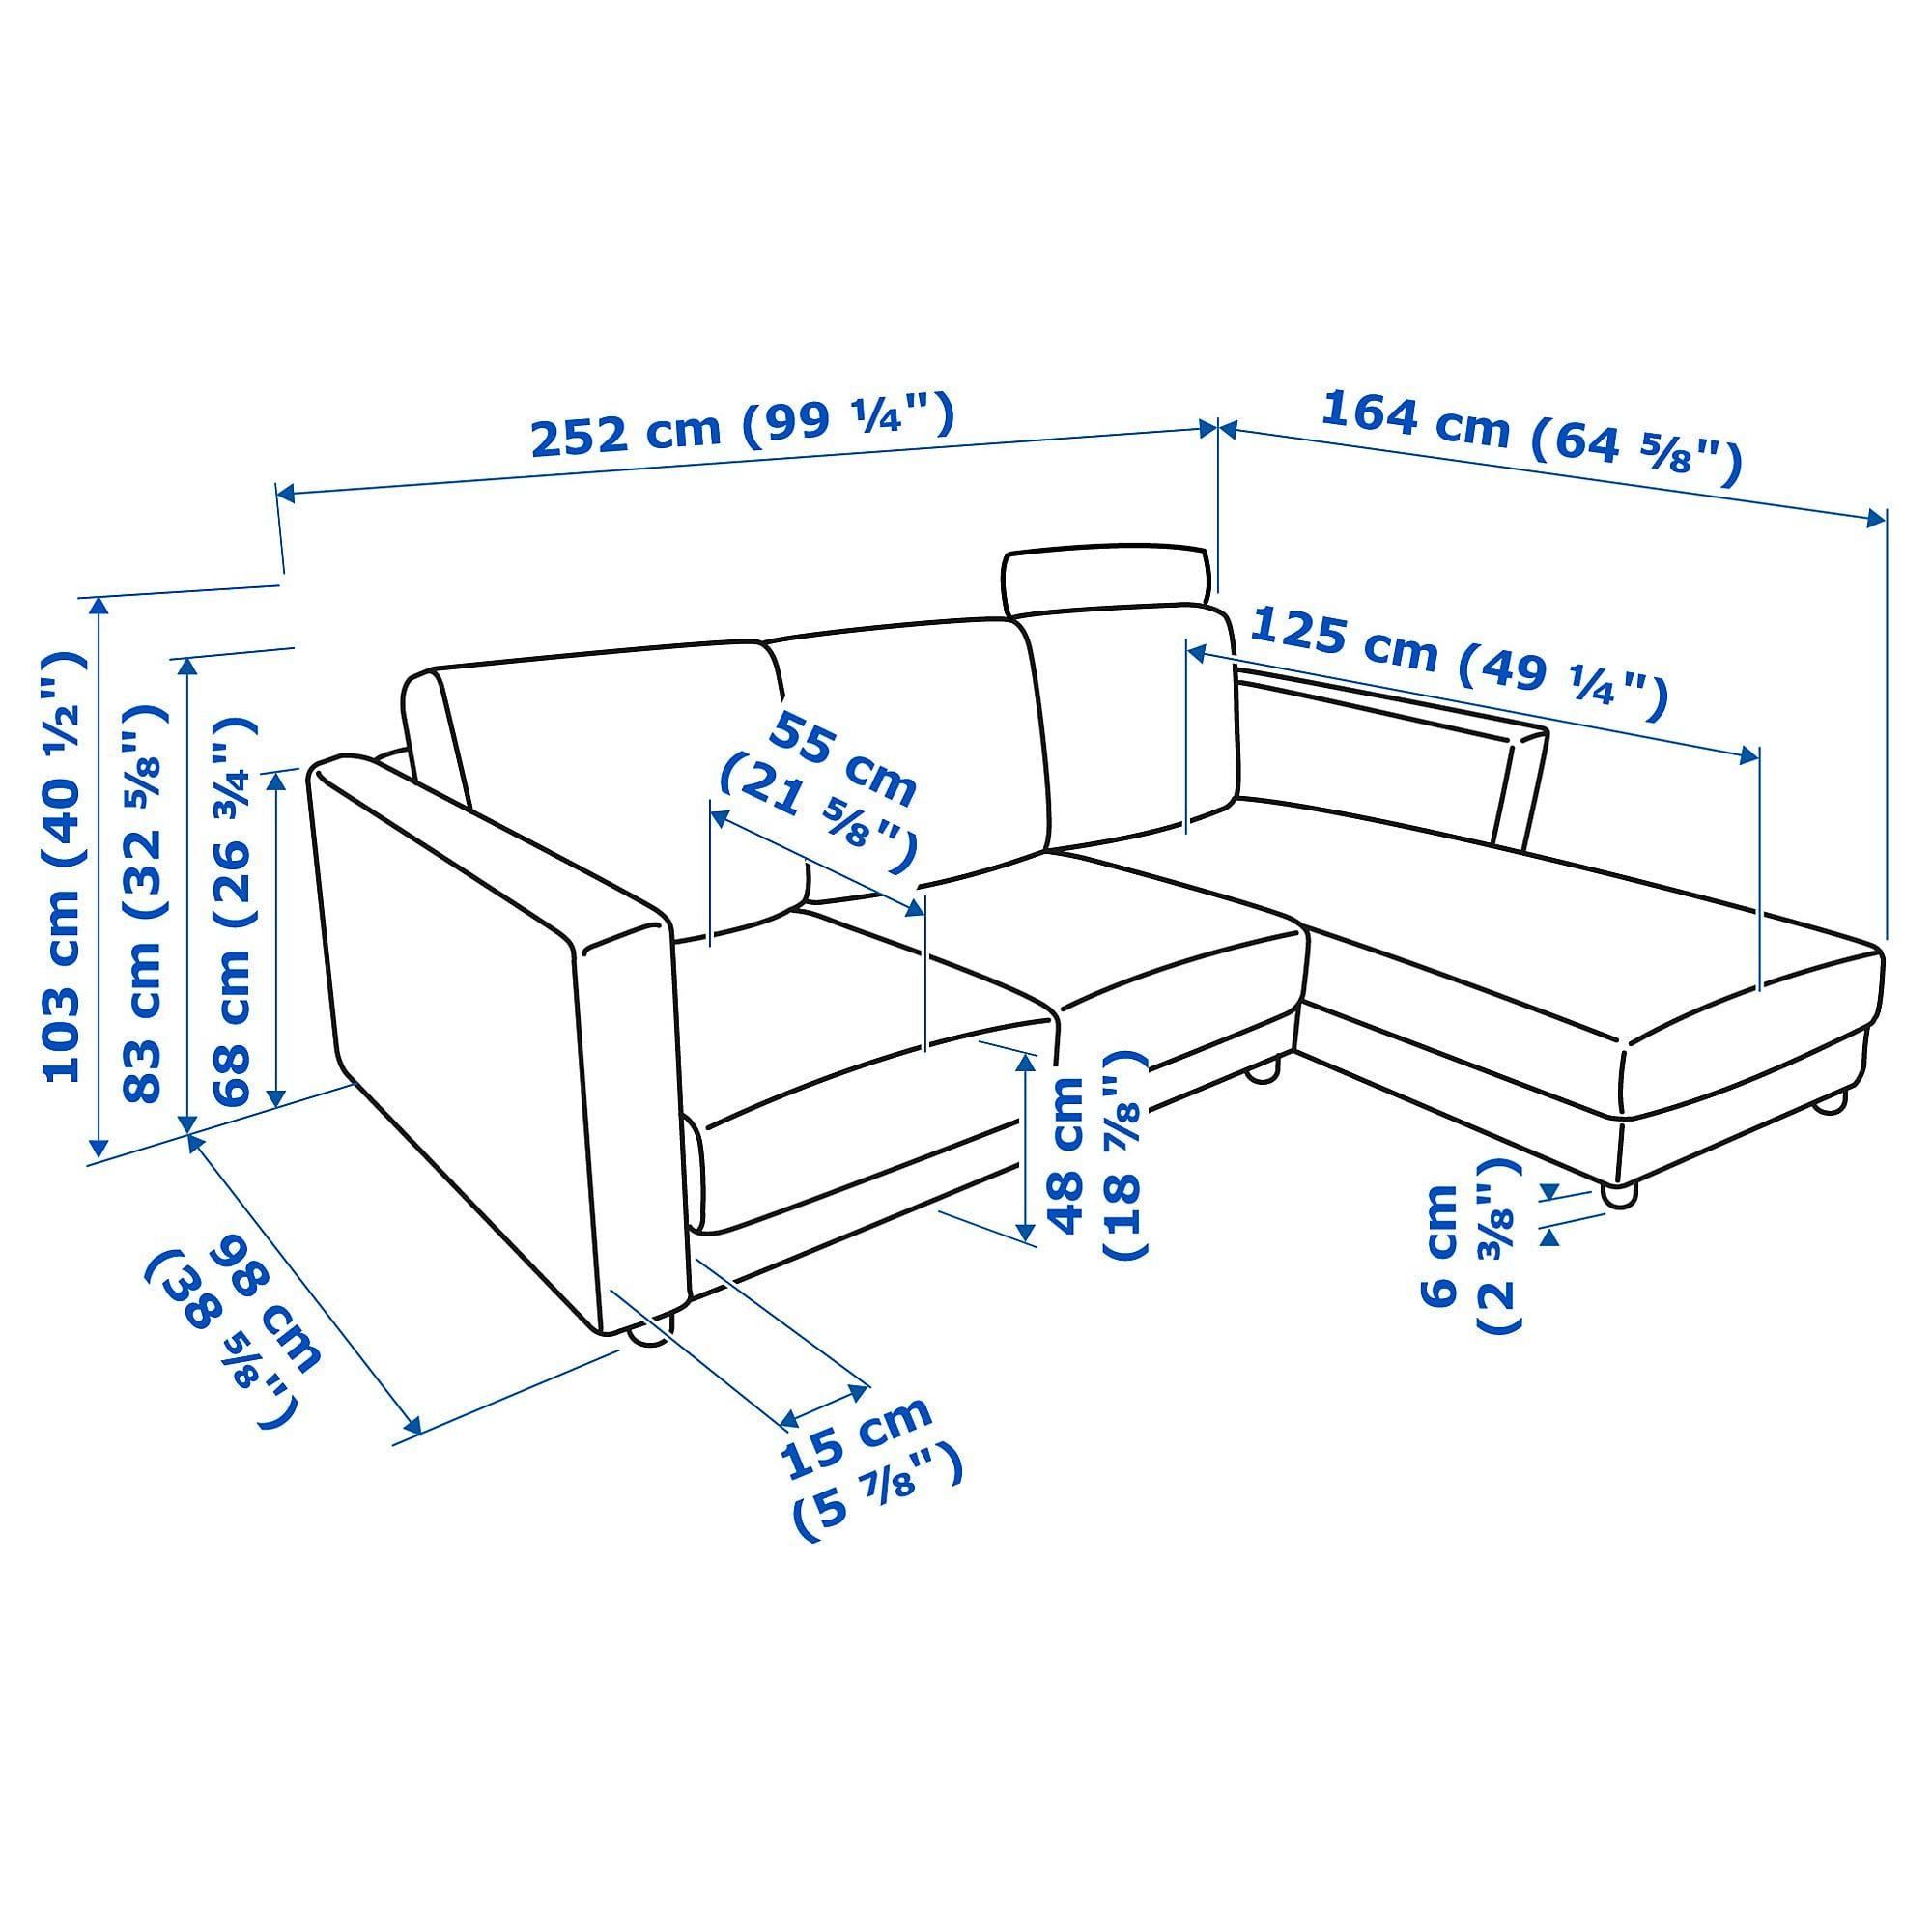 Ikea Vimle Sofa With Chaise Headrest Tallmyra Beige Ikea Vimle Ikea Vimle Sofa Wood Carving Furniture